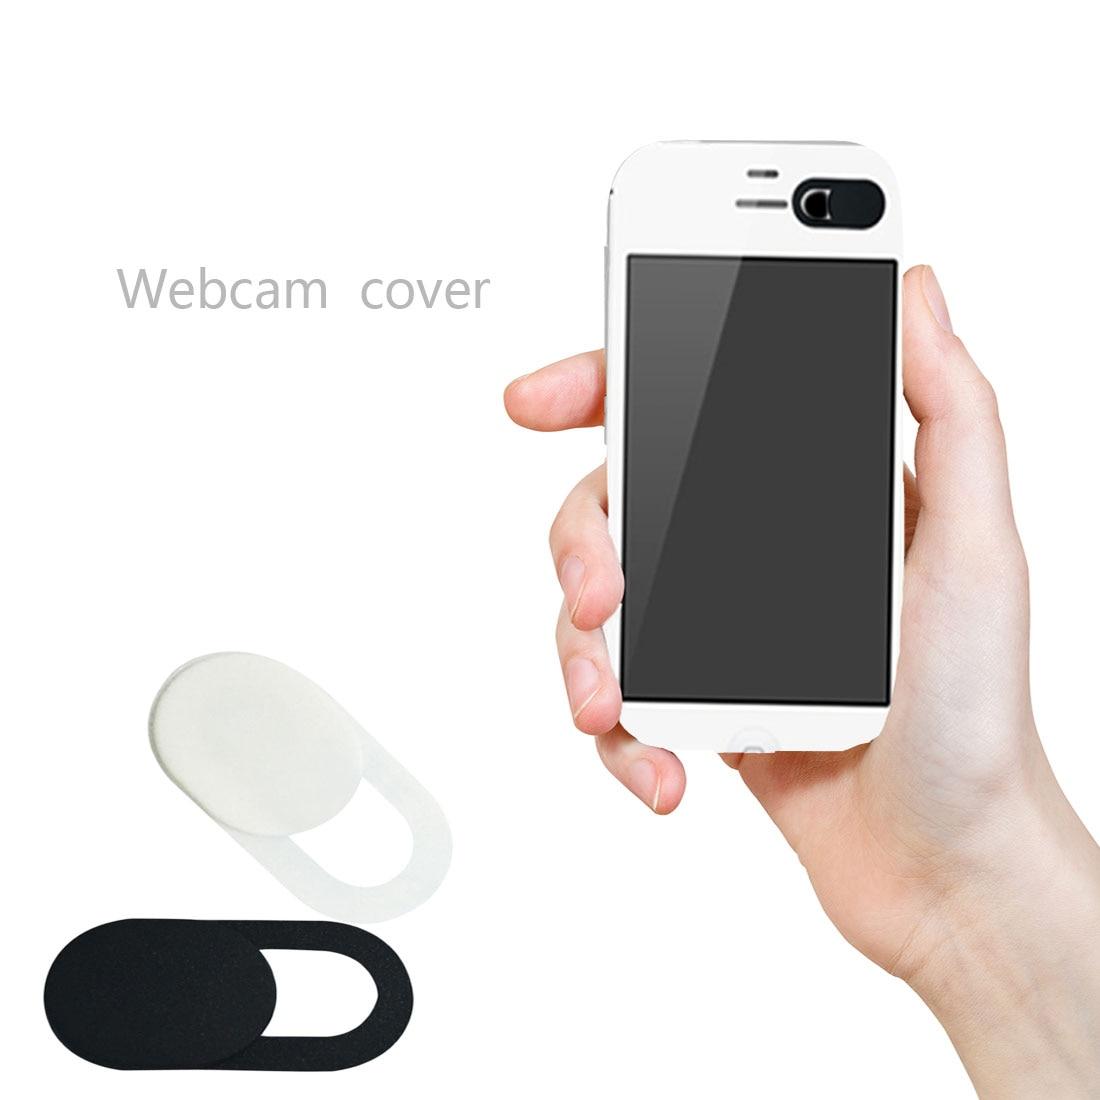 Etmakit 2018 nueva llegada WebCam cubierta imán de obturador Slider cubierta de la cámara de plástico para Web Laptop iPad PC tableta Mac privacidad